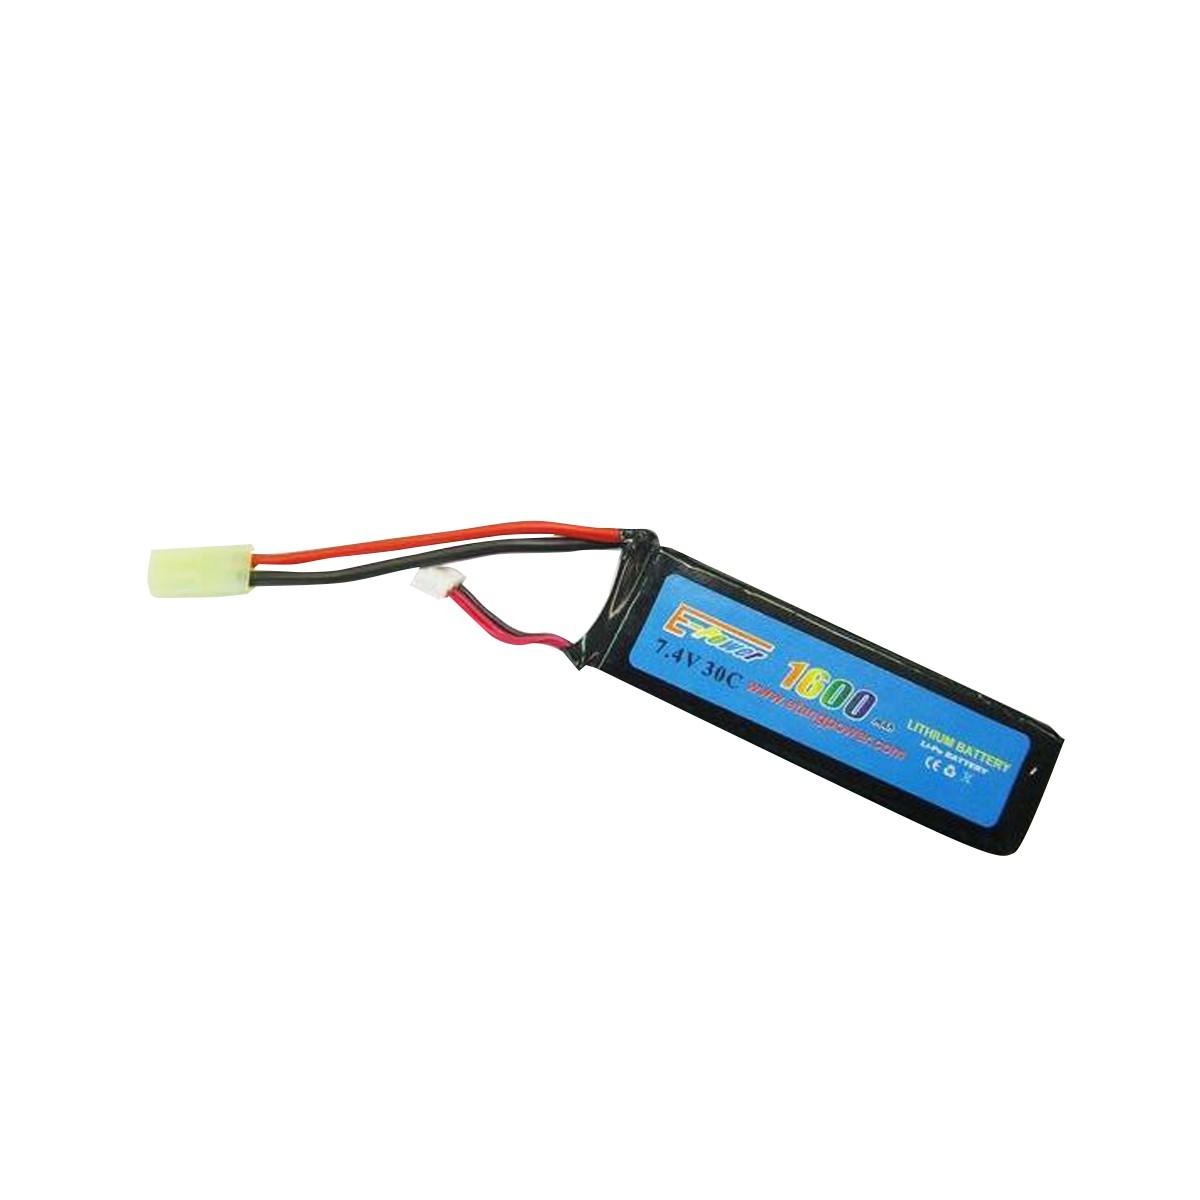 Batteria E-Tang Power Lipo 7.4V 1600 Mah 30C Sofatir per M4 G36 Alte Prestazioni